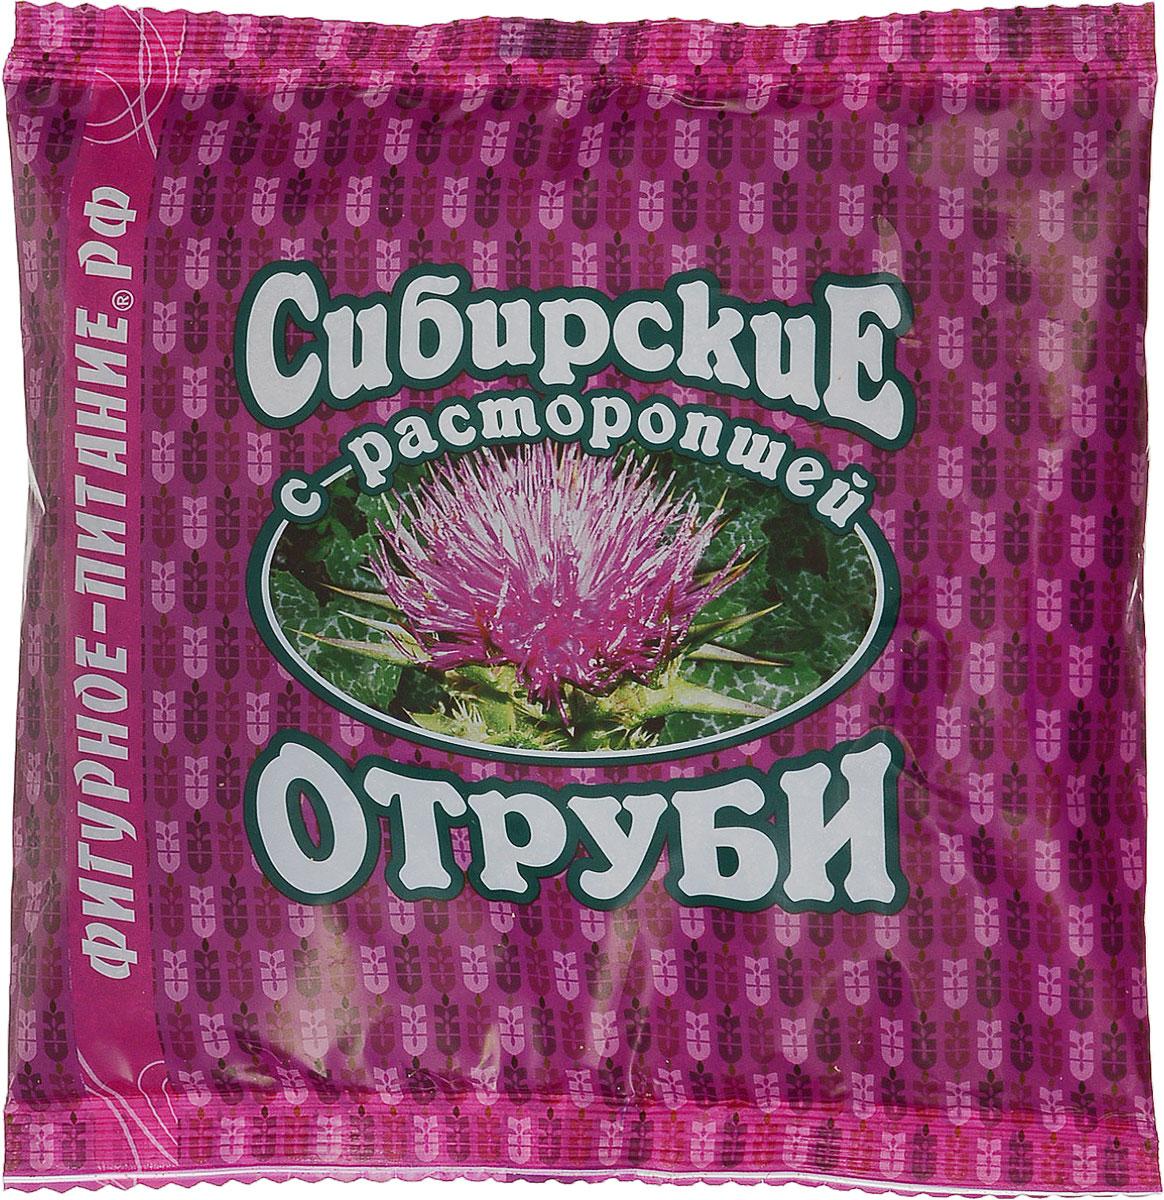 Сибирские отруби пшеничные с расторопшой, 200 г компас здоровья с имбирем отруби овсяные 200 г